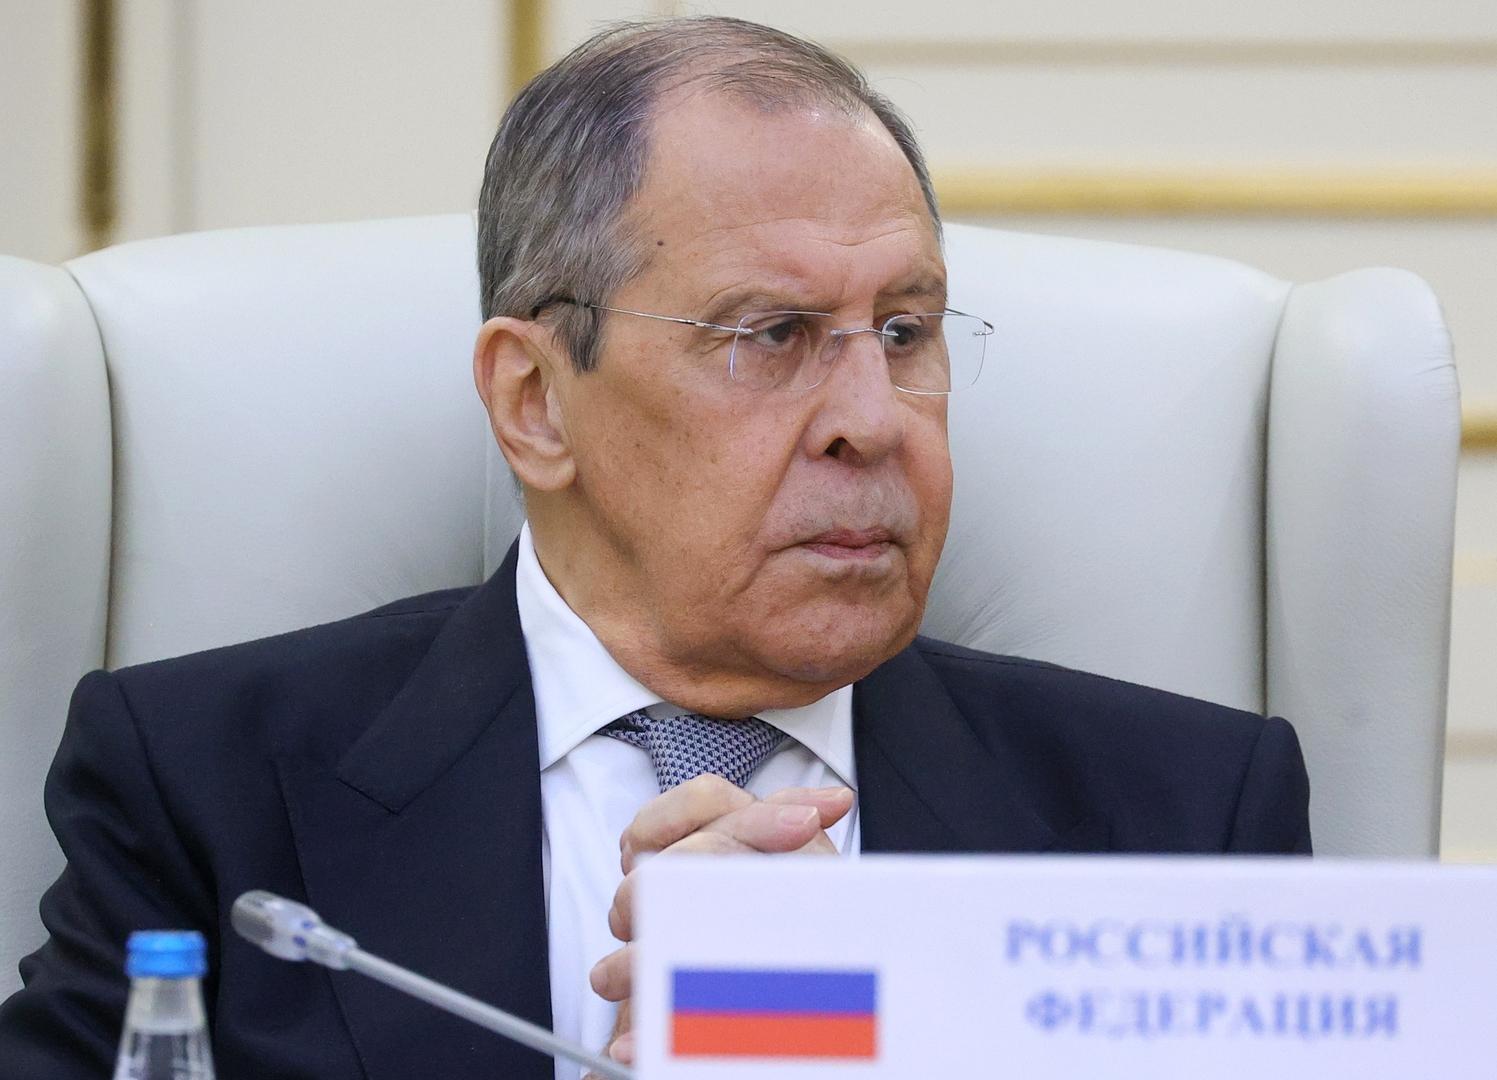 وزراء خارجية روسيا وأرمينيا وأذربيجان يستعرضون سير تطبيق الاتفاقات بشأن قره باغ